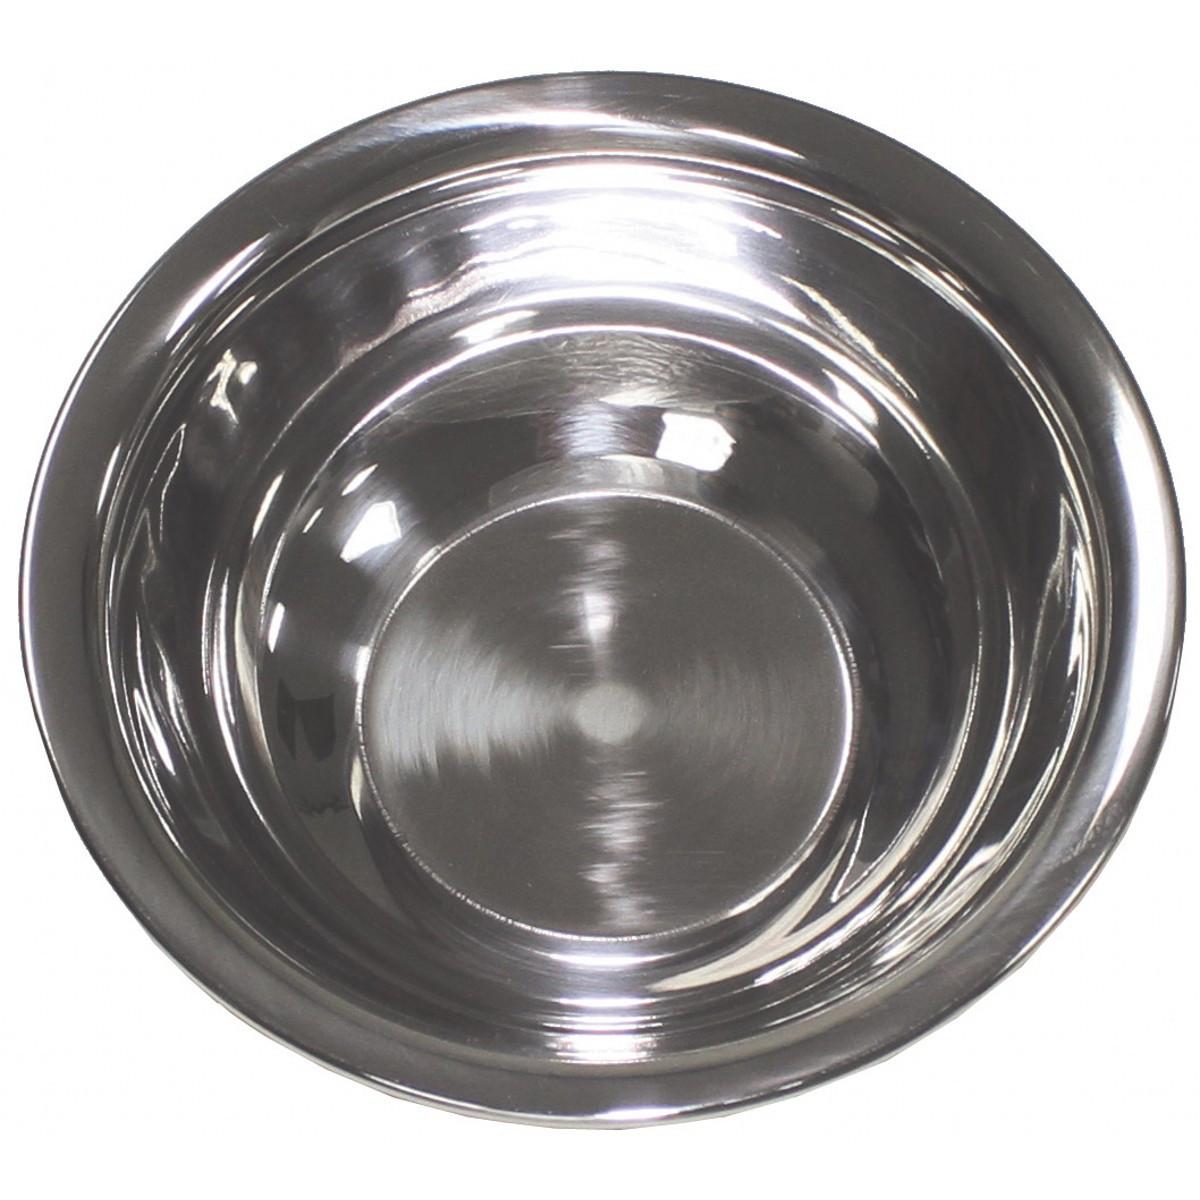 Тарелка 20.5x4.5см из нержавеющей стали MFH